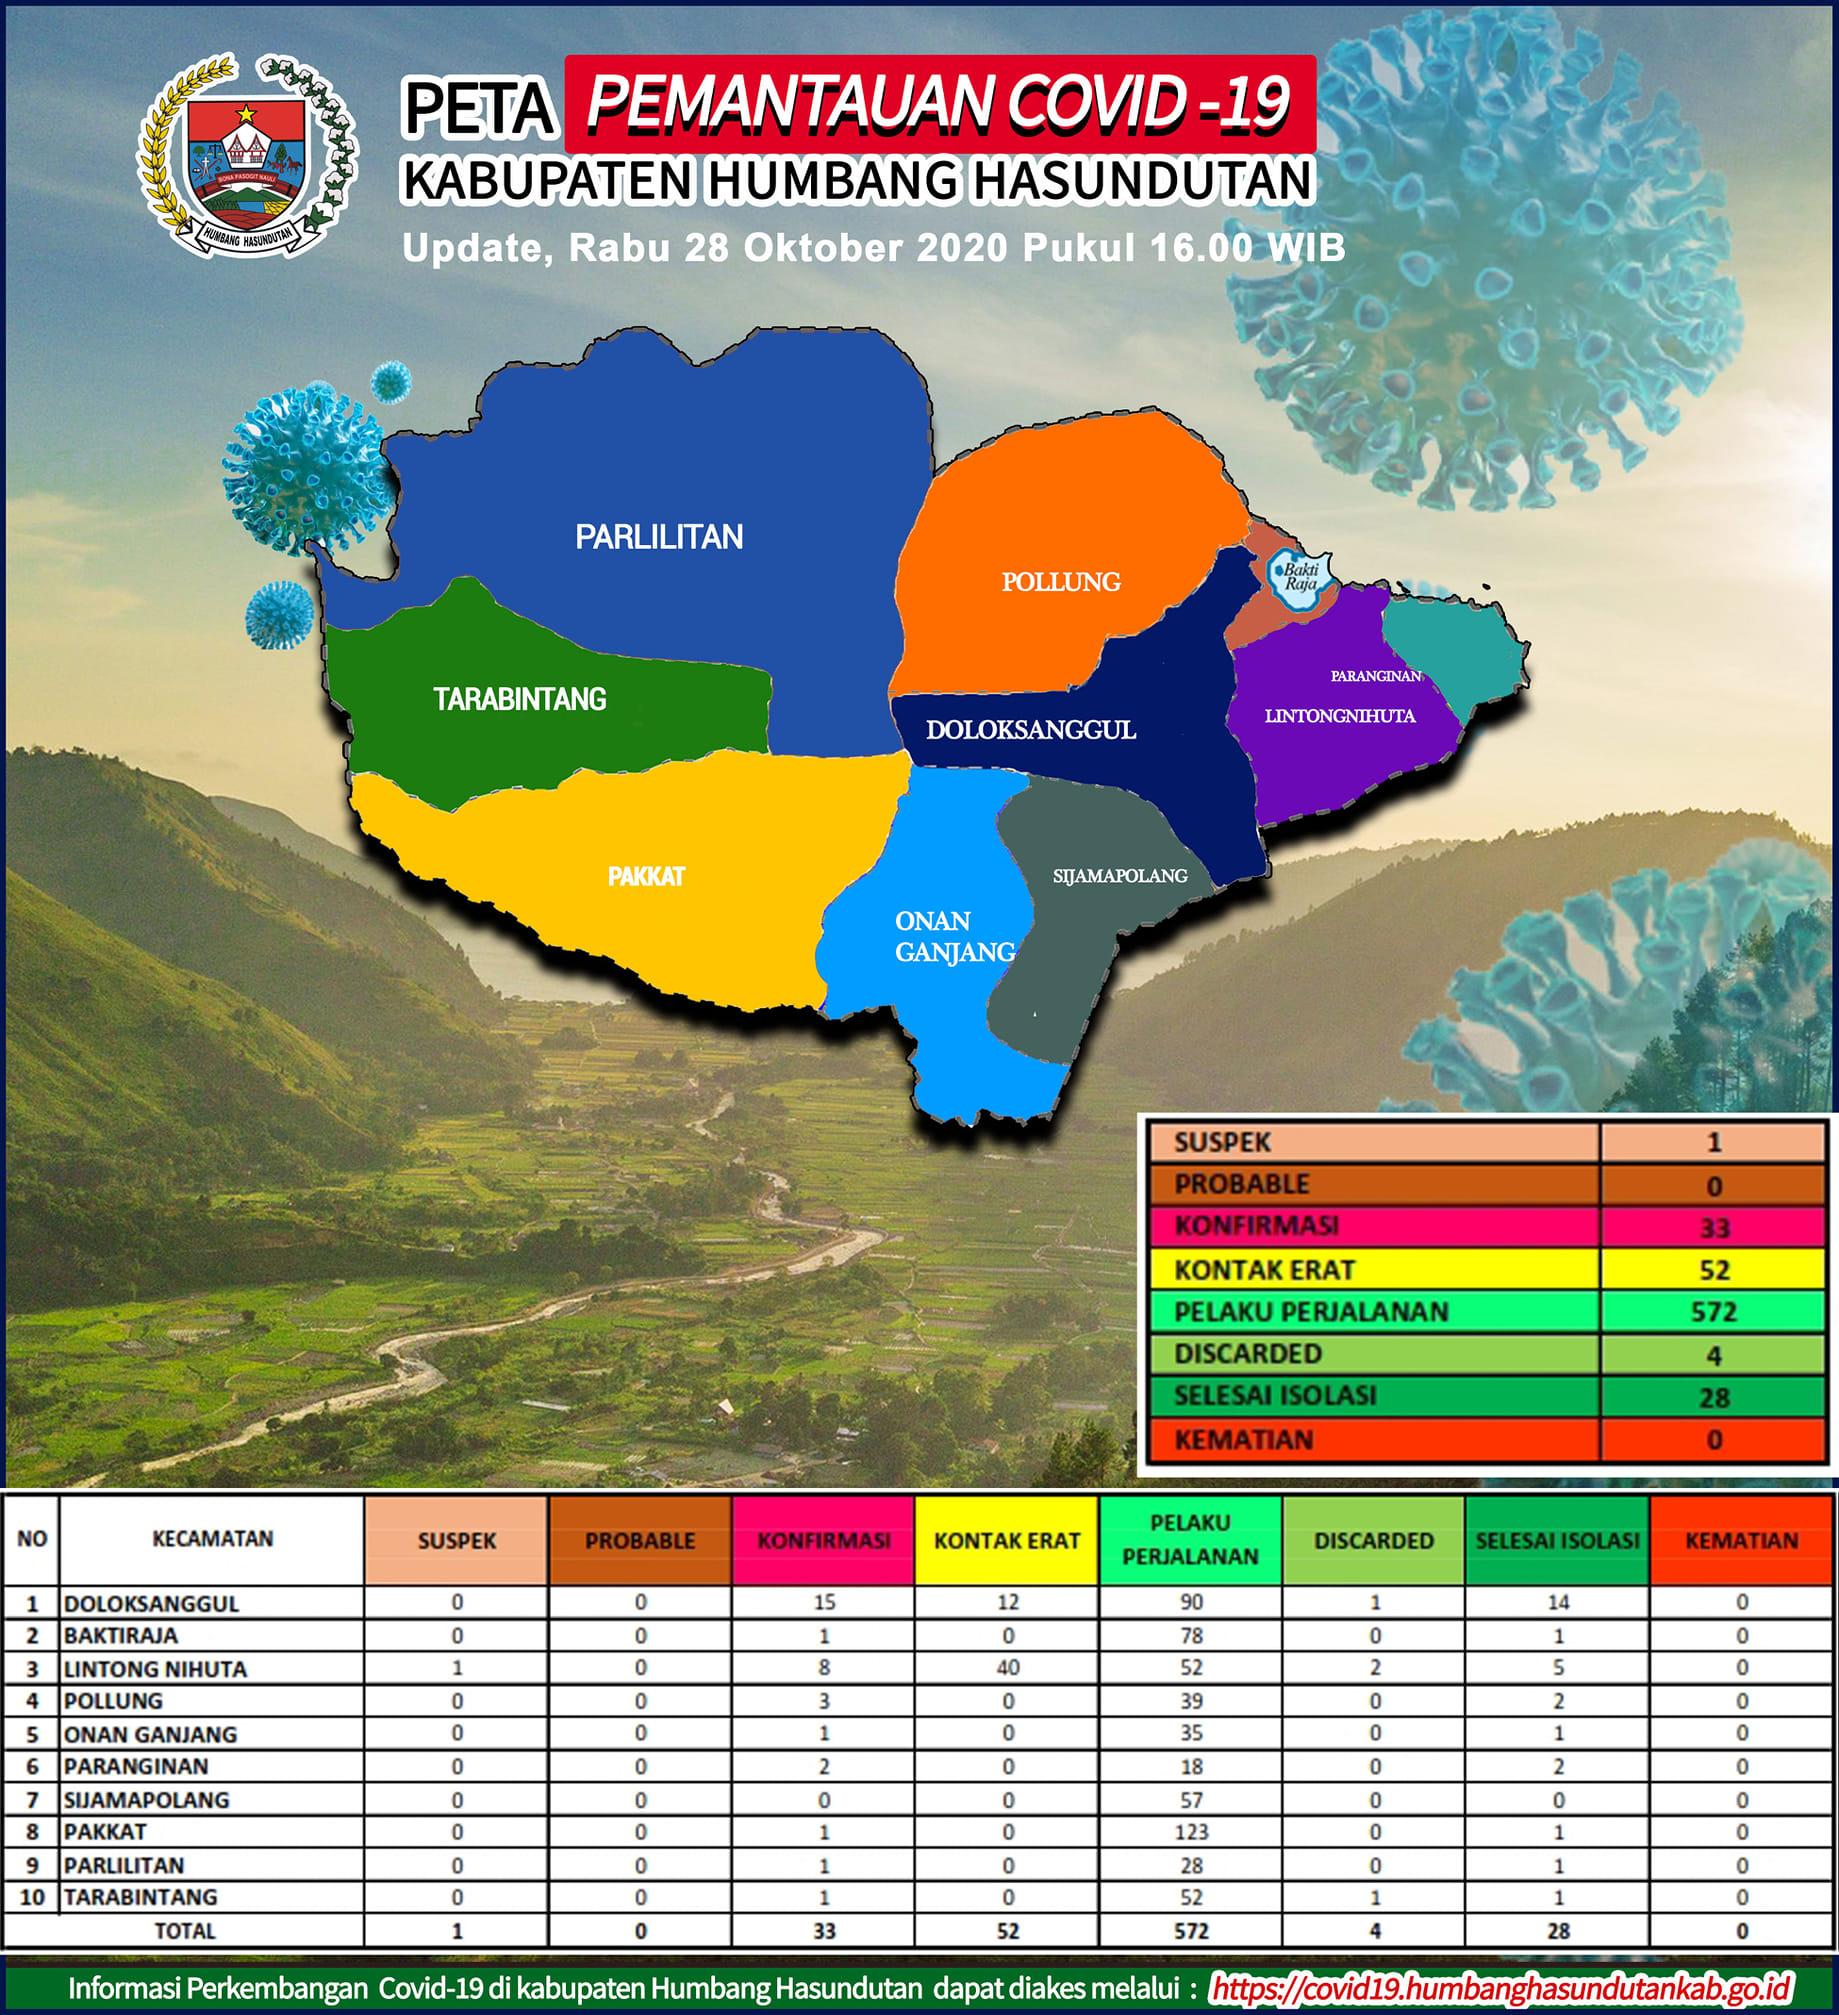 Peta Pemantauan Covid-19 Pemerintah Kabupaten Humbang Hasundutan Tanggal 28 Oktober 2020 s/d pukul 16.00 WIB